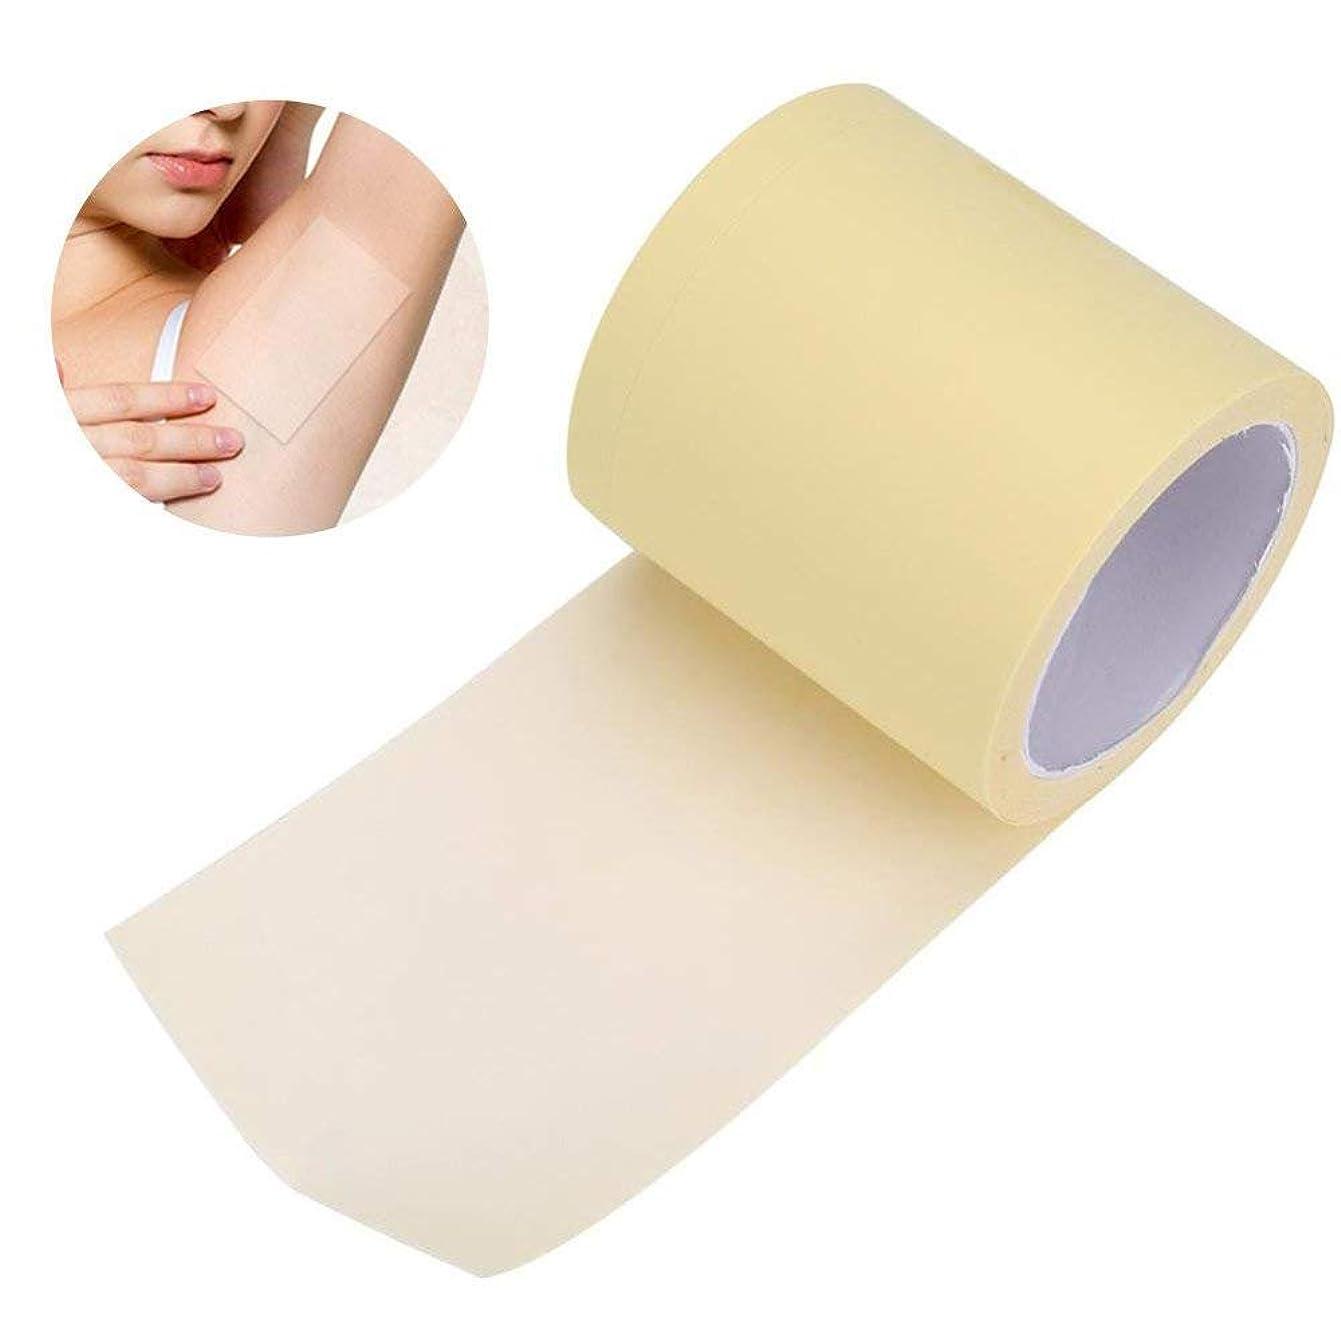 居眠りする免疫するヒステリックAomgsd 汗止めパッド 脇の下汗パッド 皮膚に優しい 脇の汗染み防止 抗菌加工 超薄型 透明 男性/女性対応 (タイプ1)